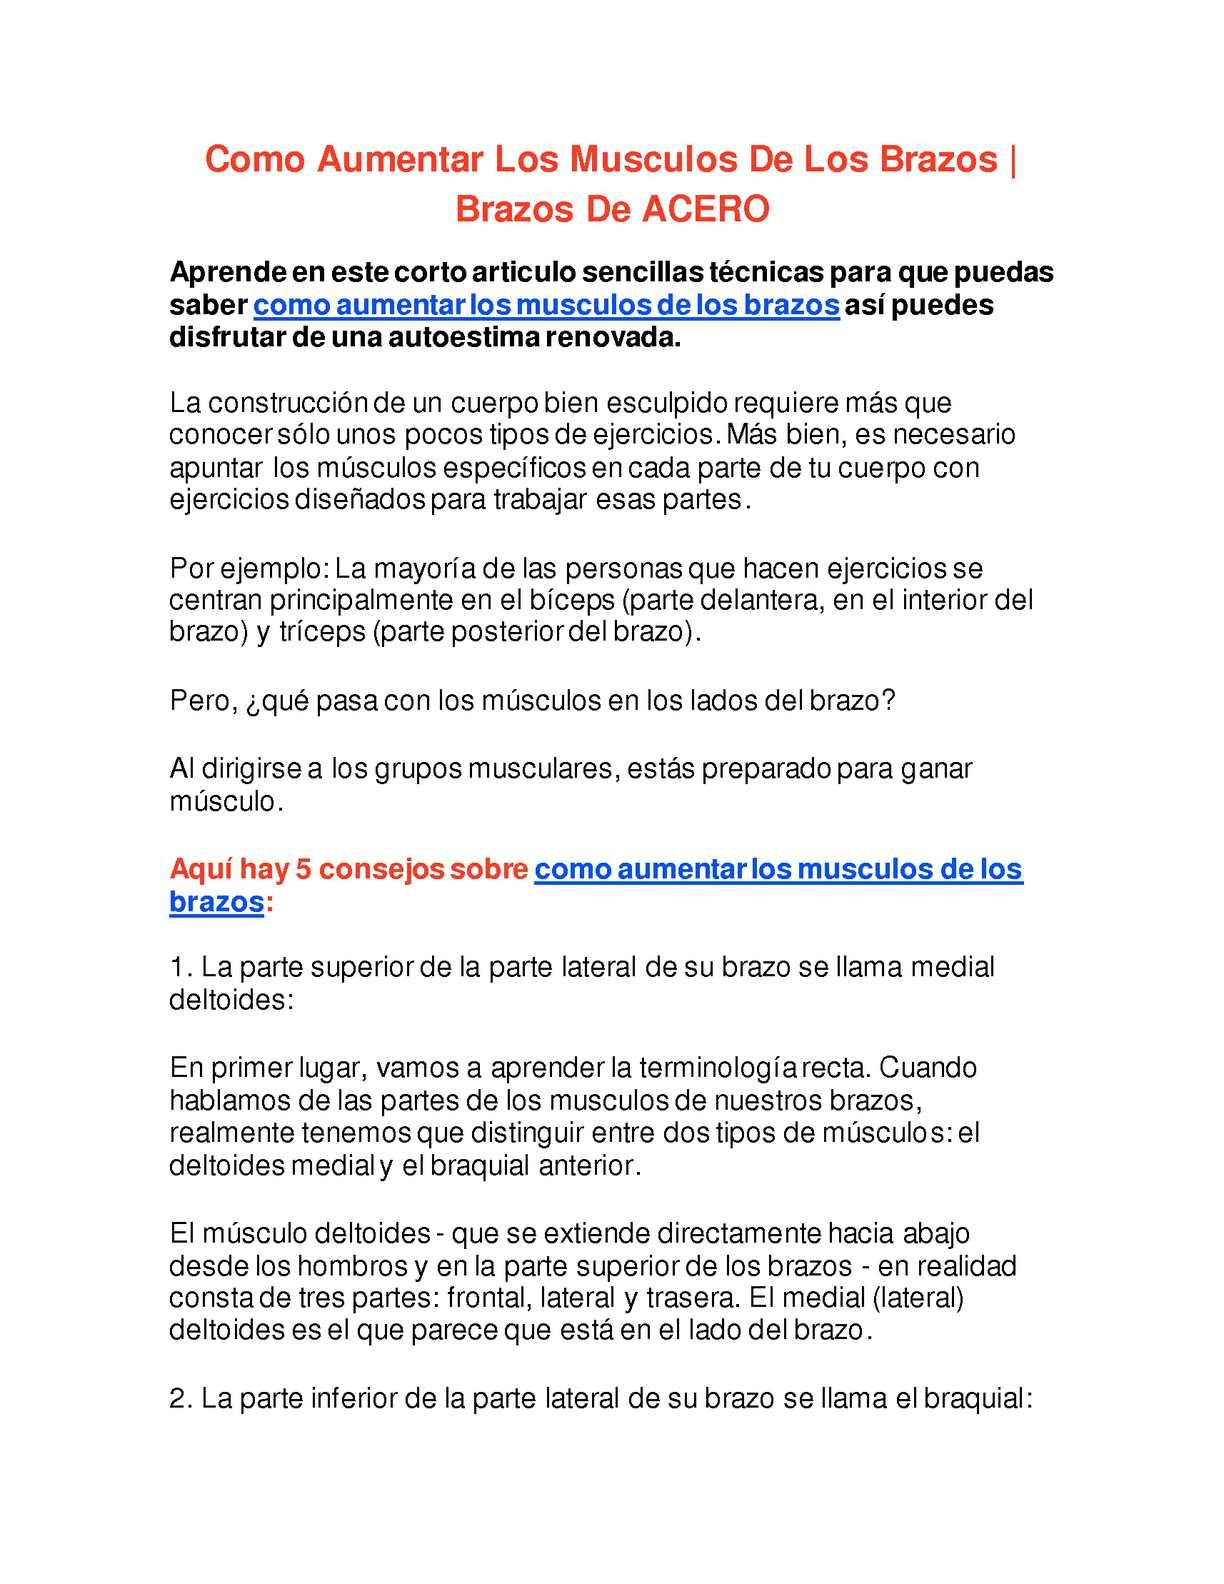 Calaméo - Como Aumentar Los Musculos De Los Brazos - Brazos De ACERO